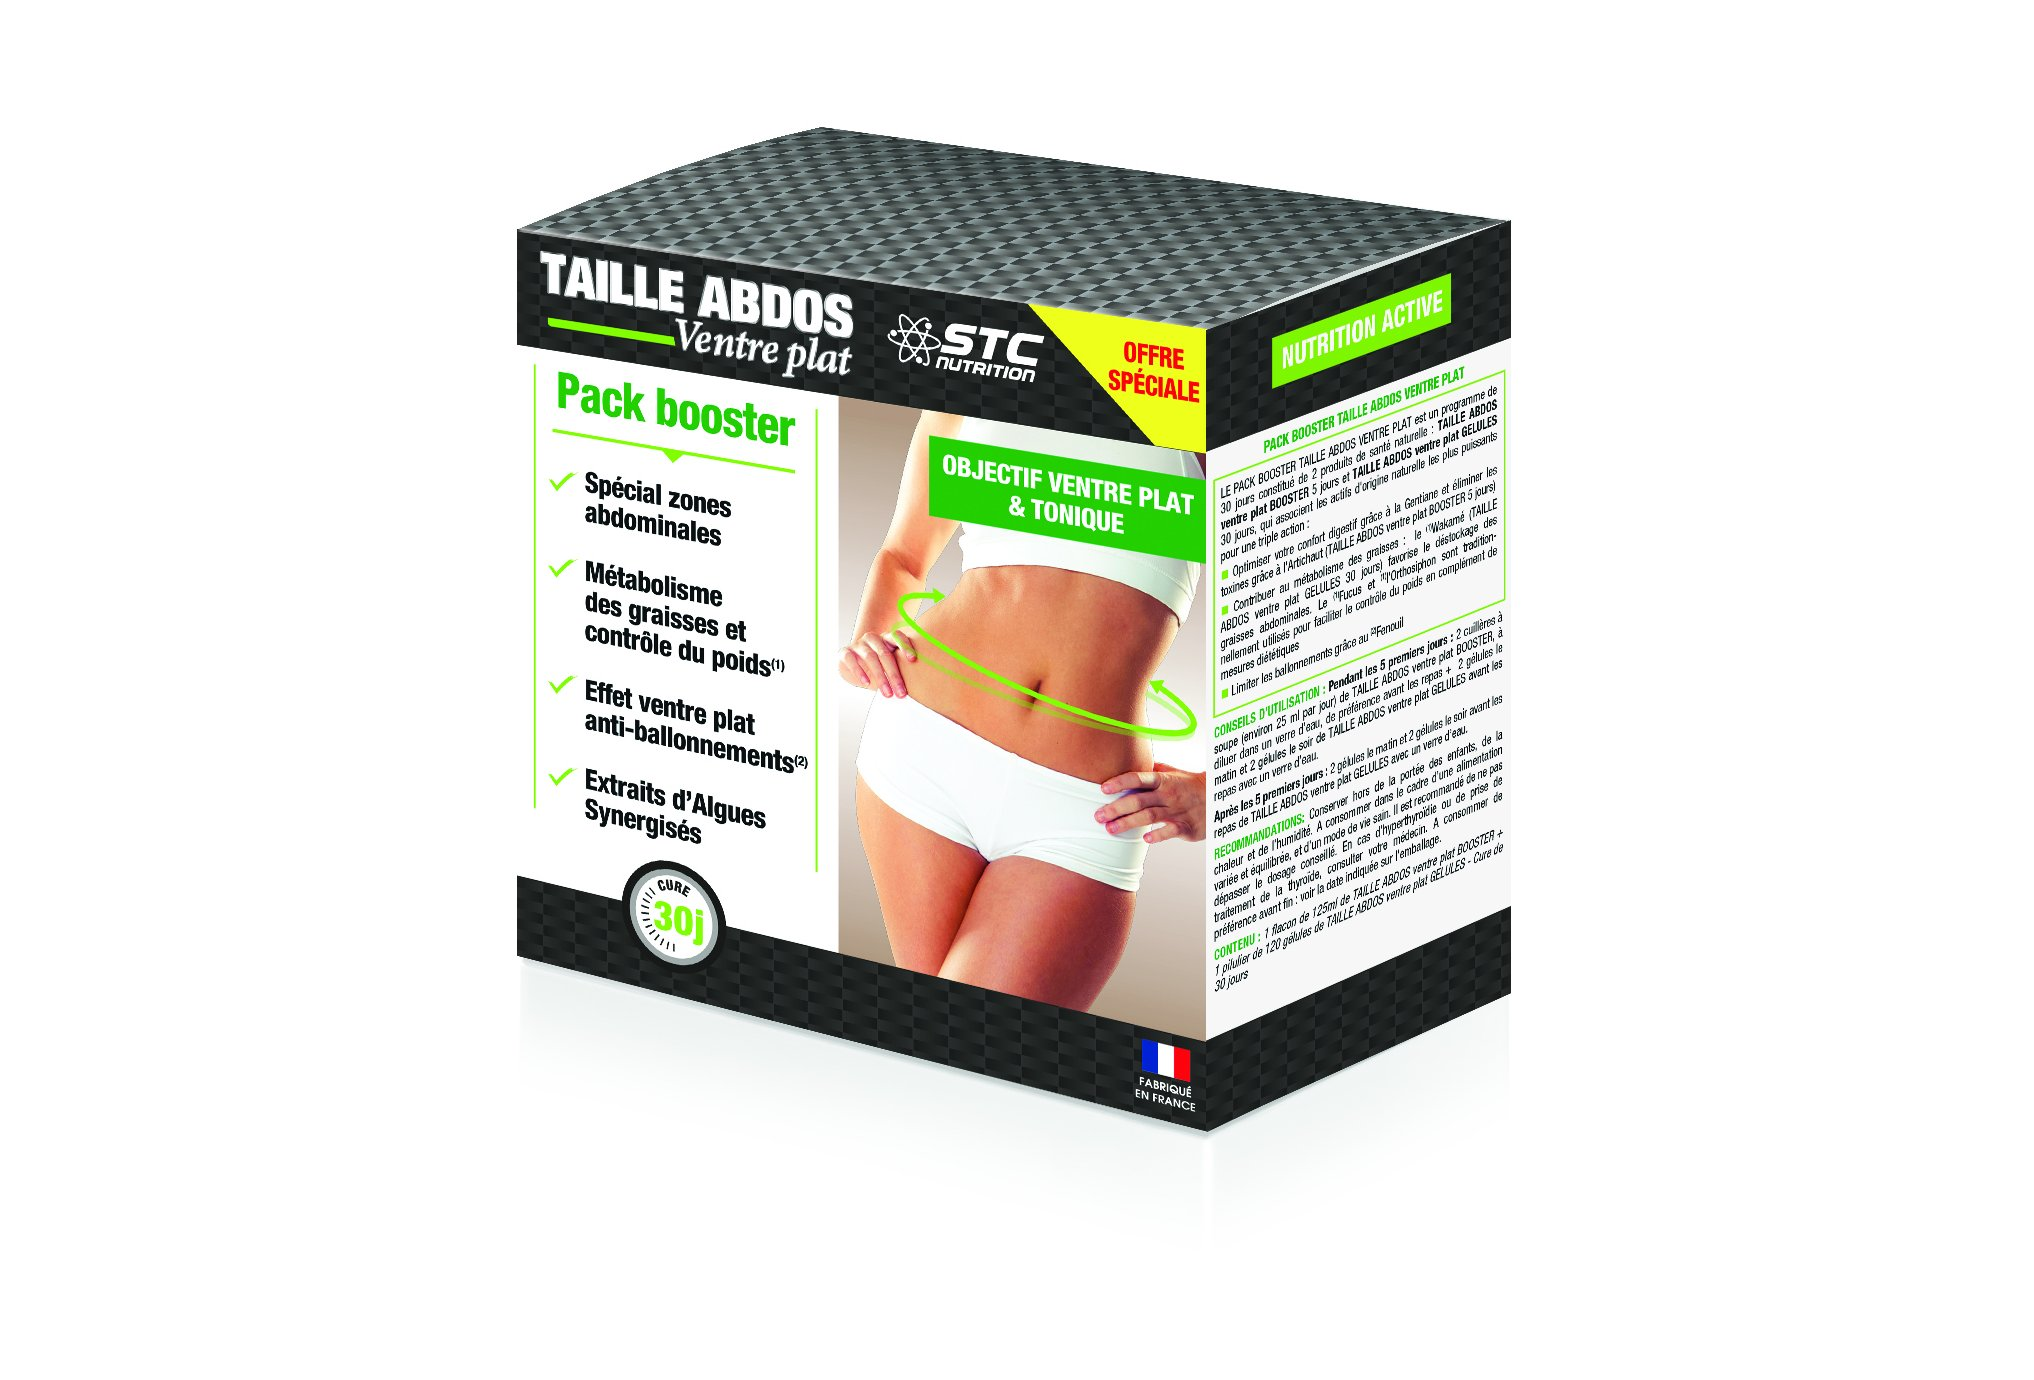 STC Nutrition Pack Booster Taille Abdos Diététique Compléments